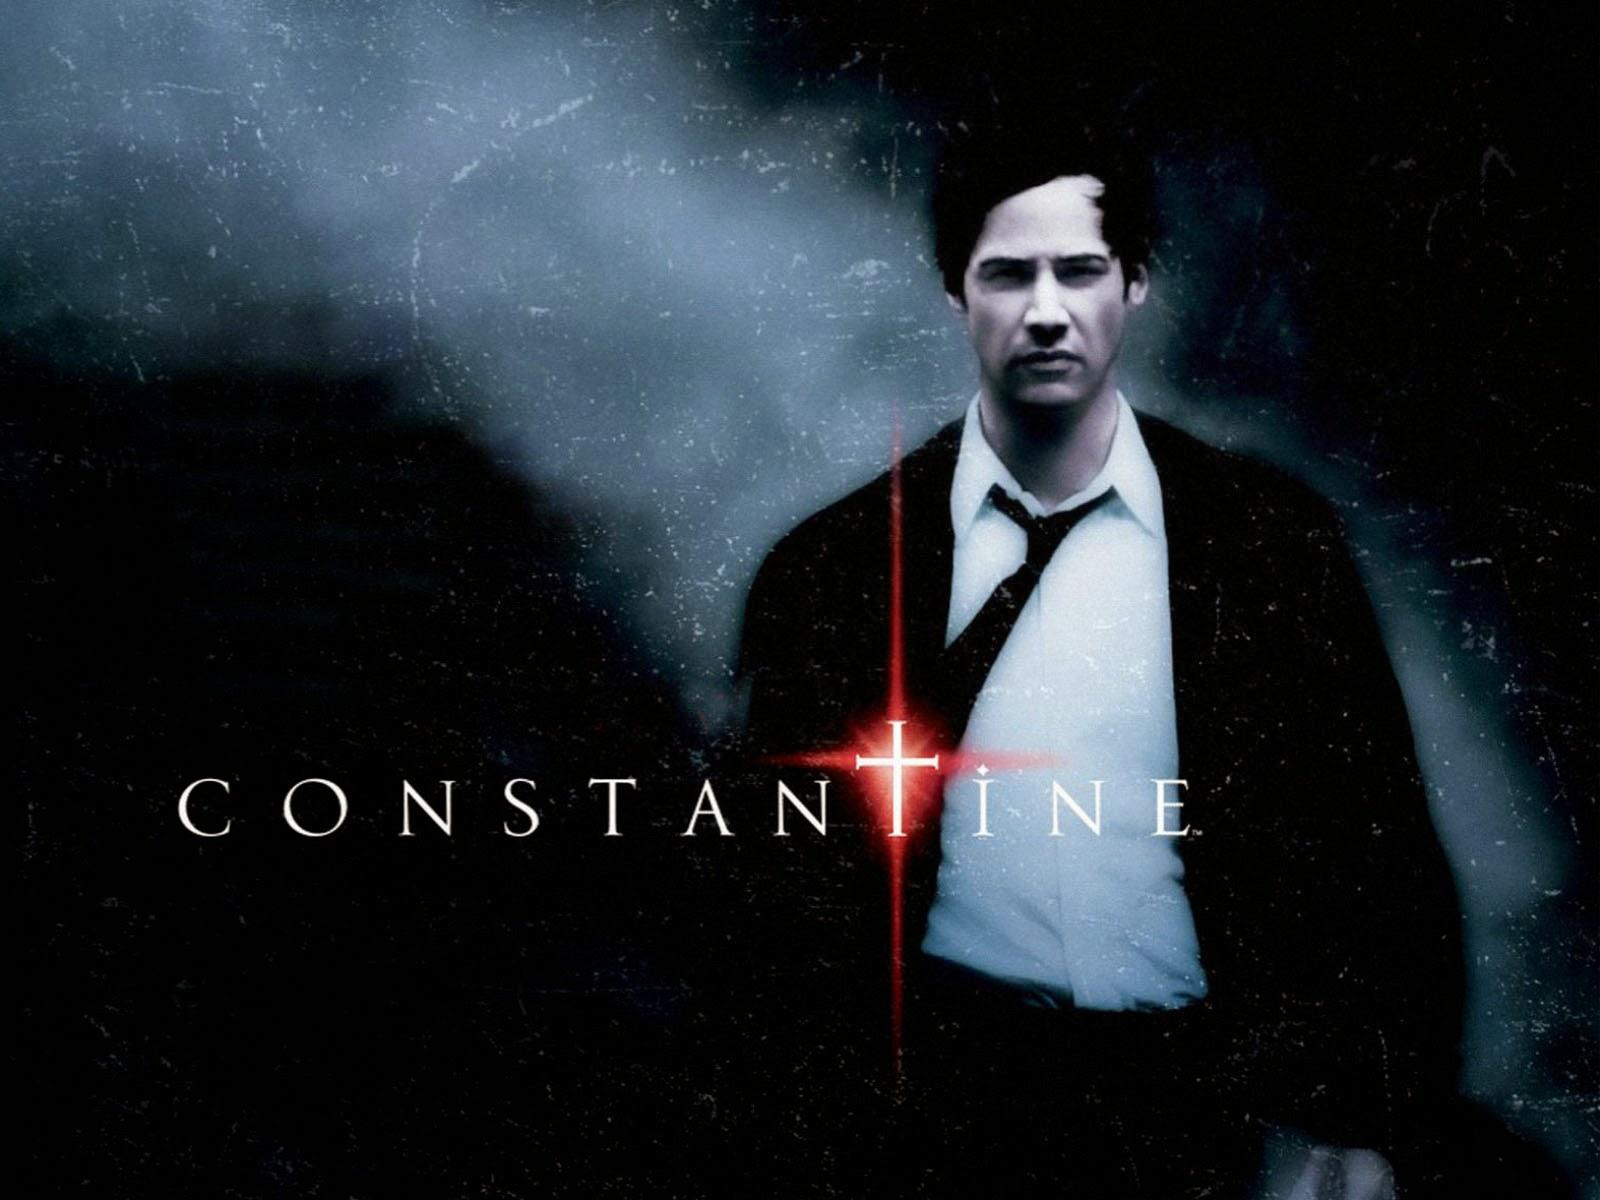 【電影評論】從電影「康斯坦丁:驅魔神探」(Constantine)談「犧牲」的意義